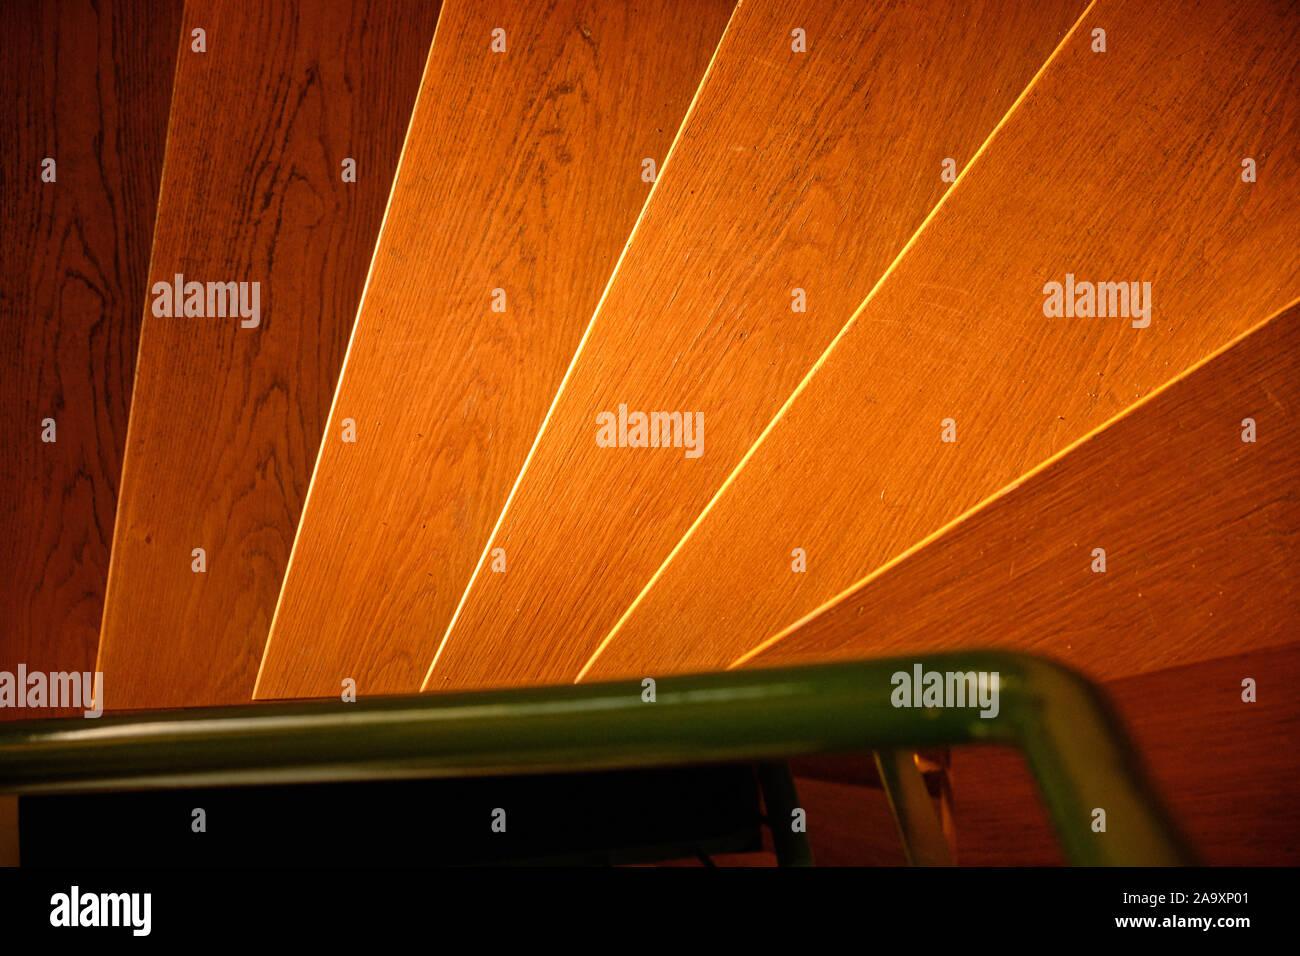 Abstrakte Shot mit einem Blick von oben auf das helle Holztreppe in der warmen Abendsonne in einem Haus und einem grünen Geländer aus Stahl Stockfoto